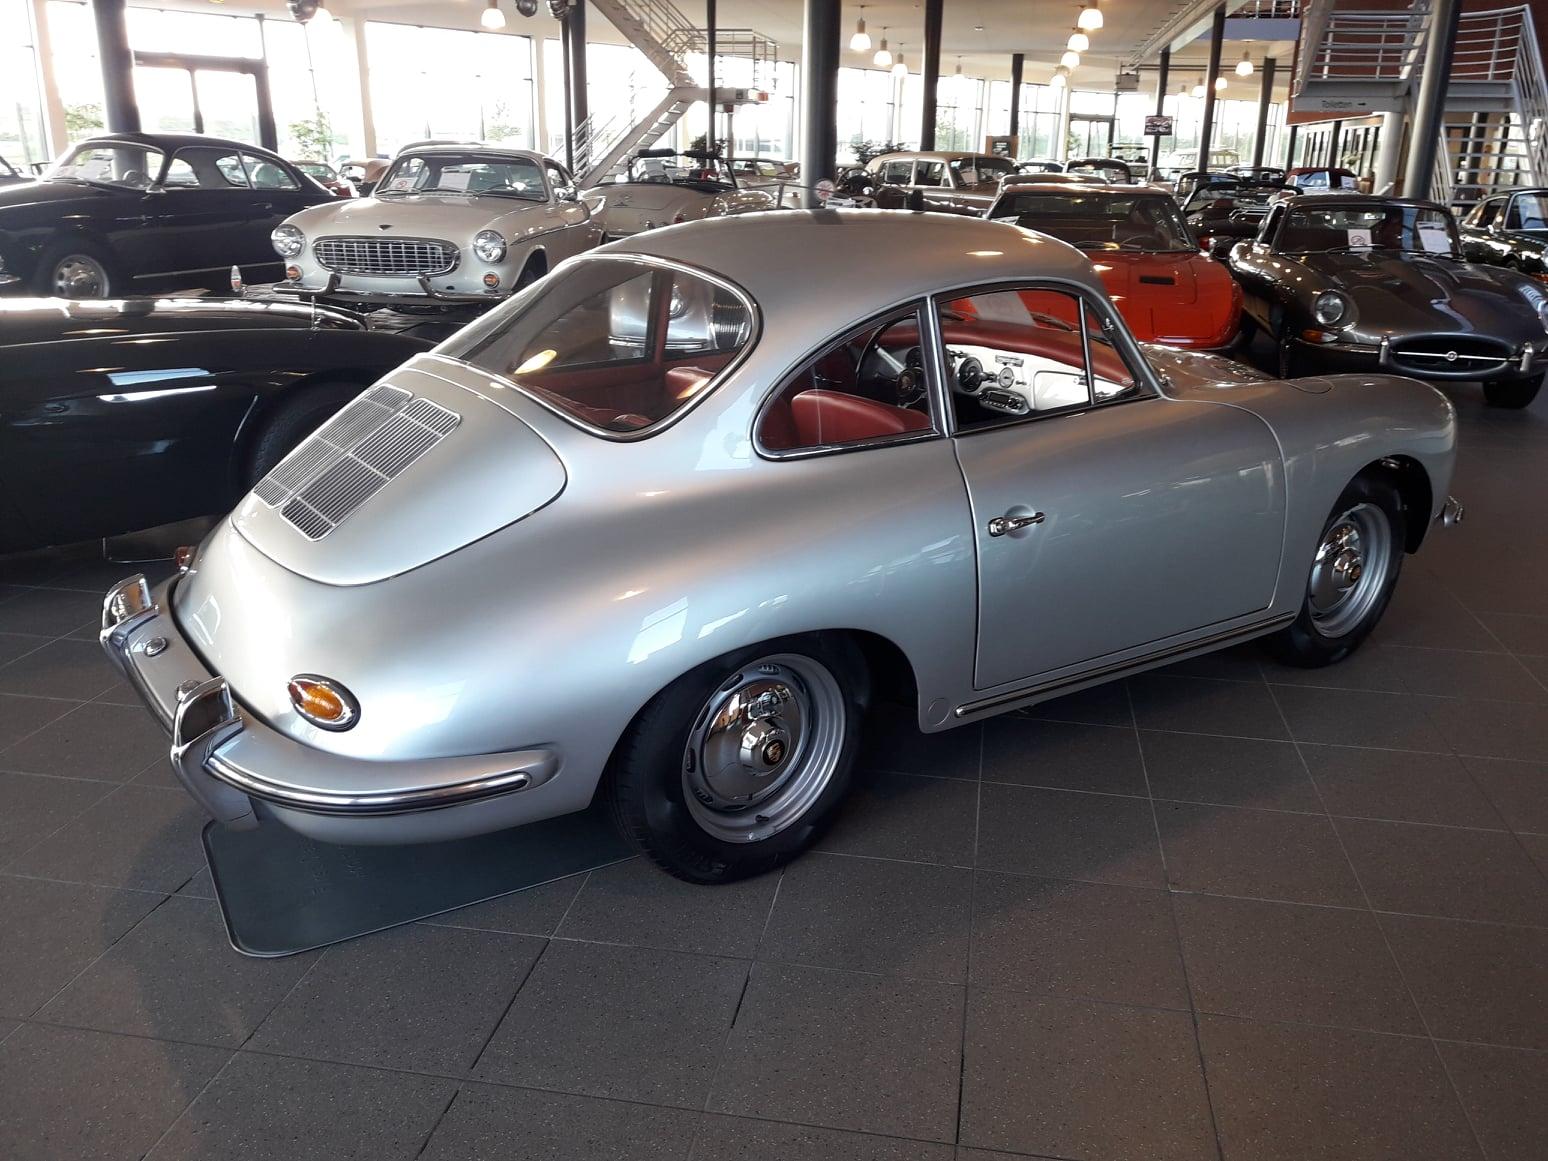 Porsche-356B-T6-Super-90-1963-(3)